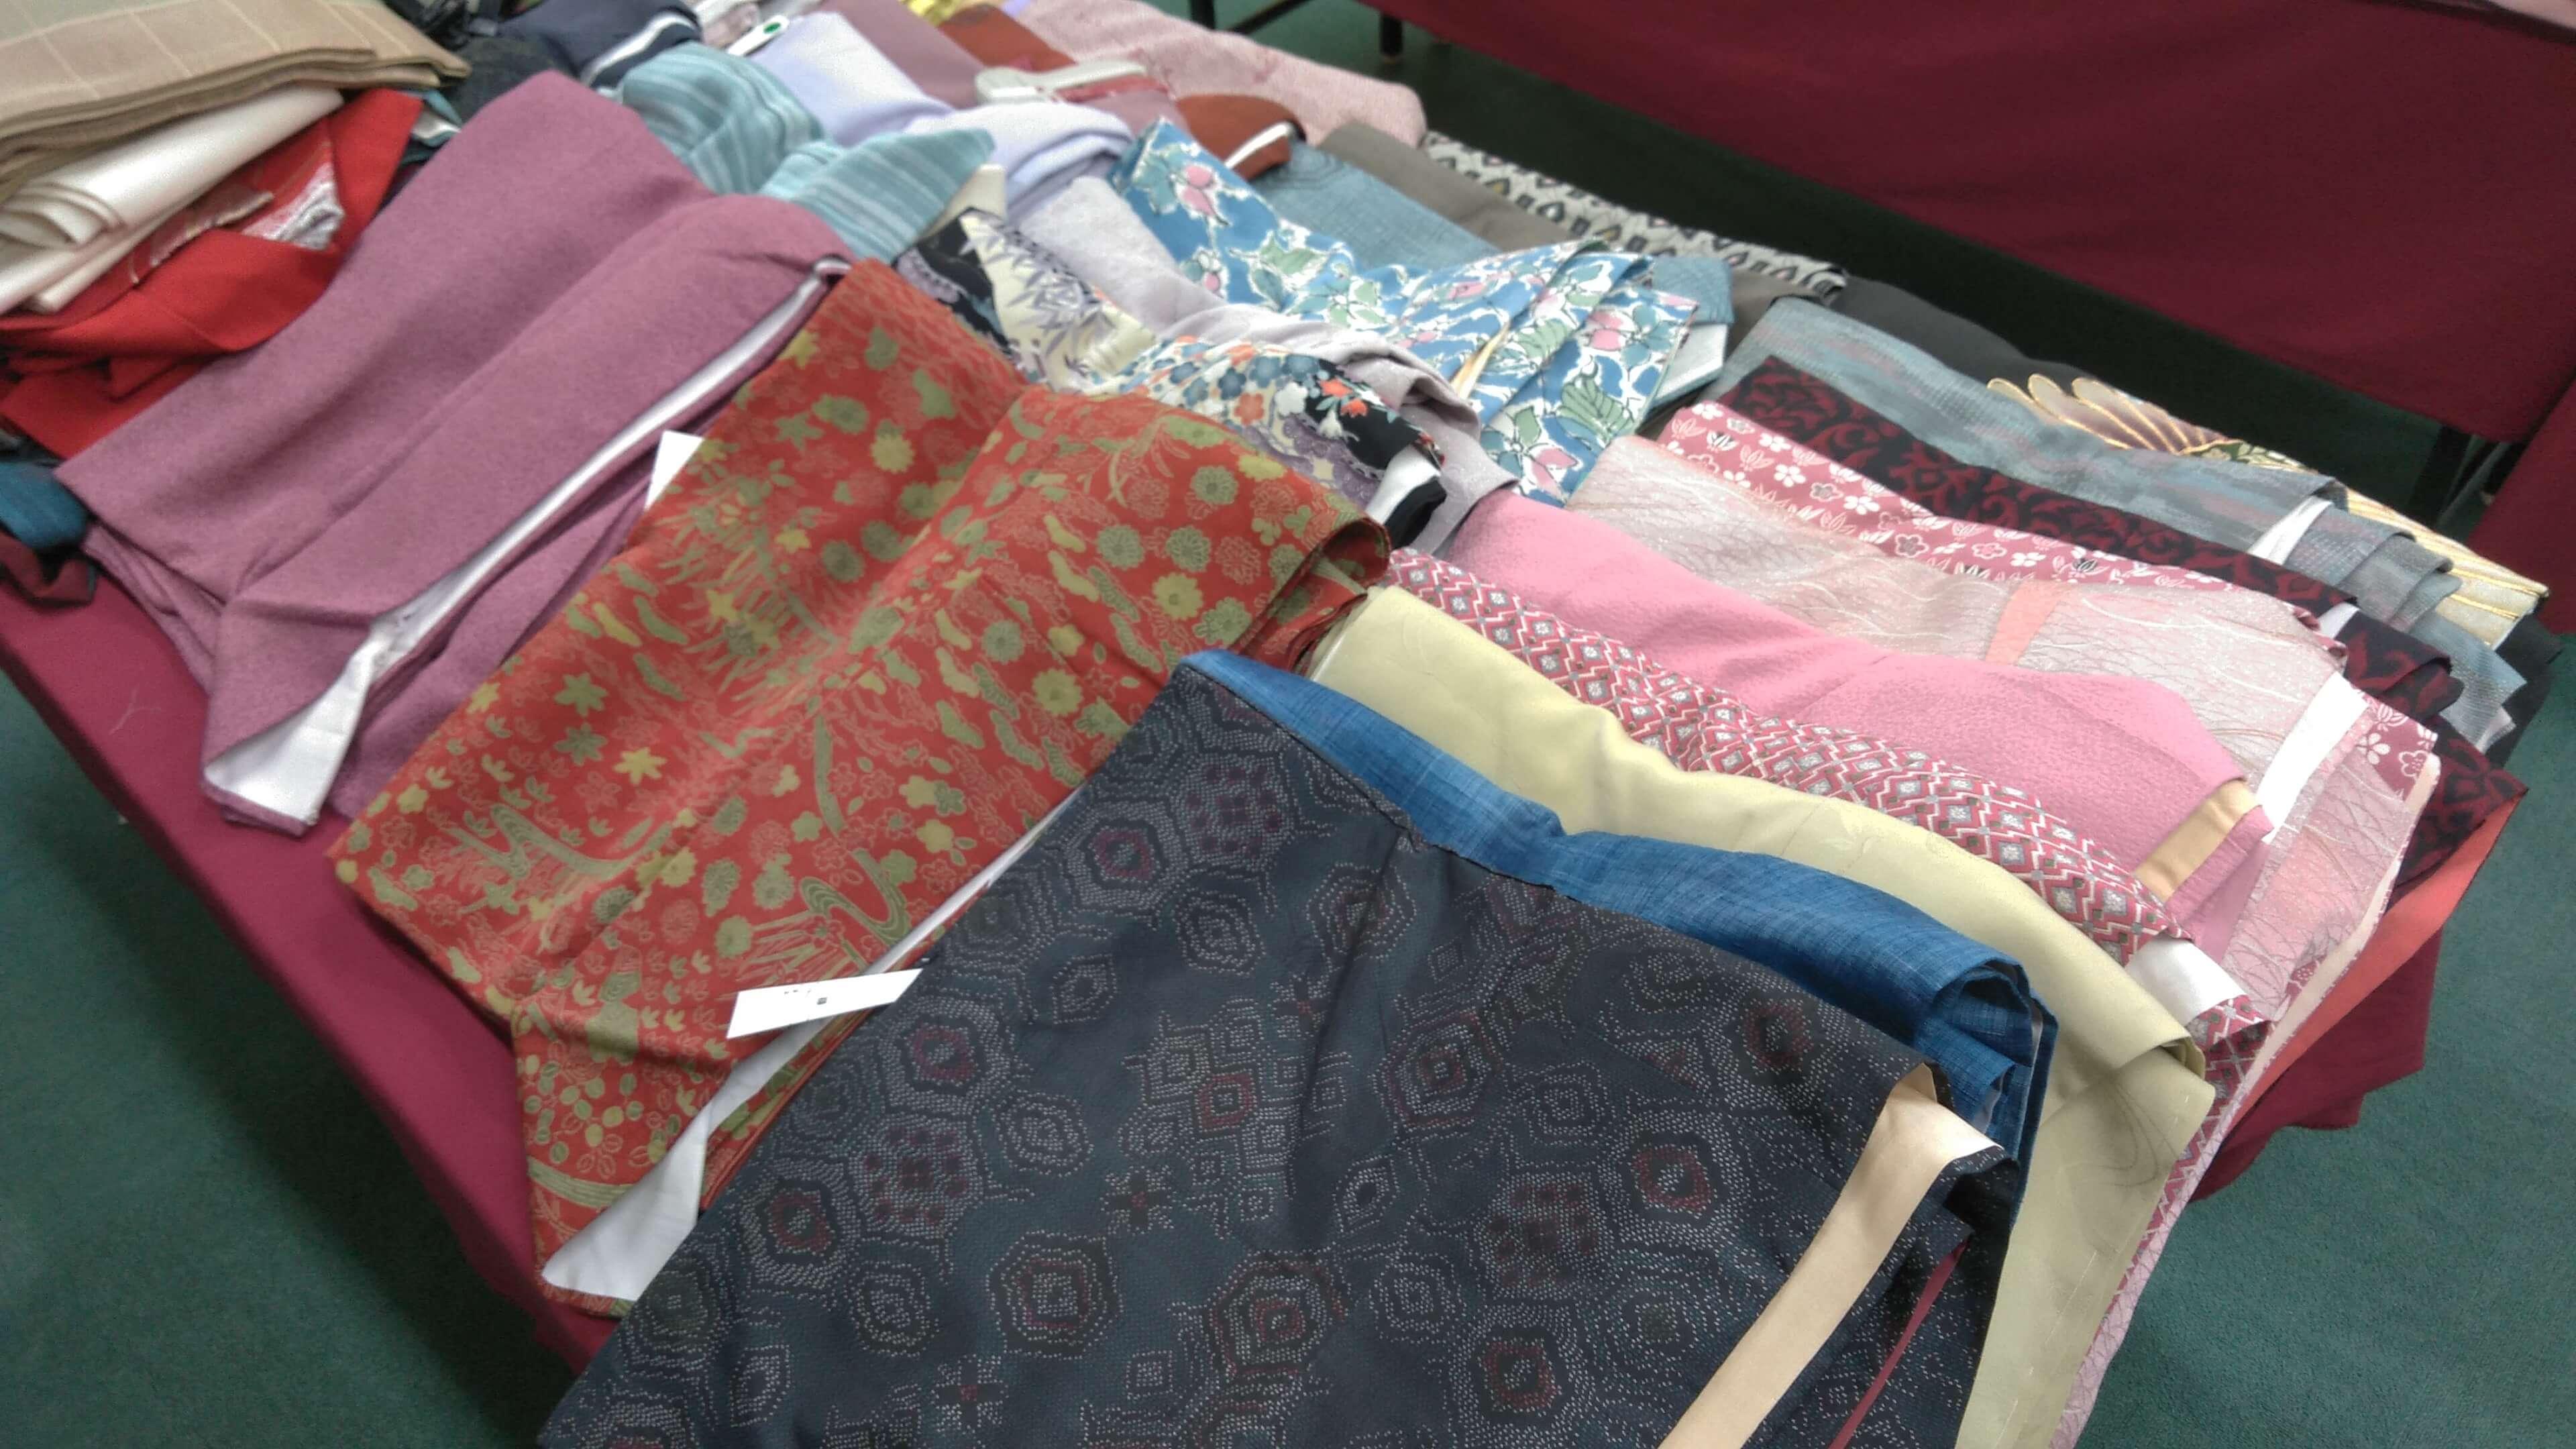 正絹の上質な着物もお手頃価格で混じっています。